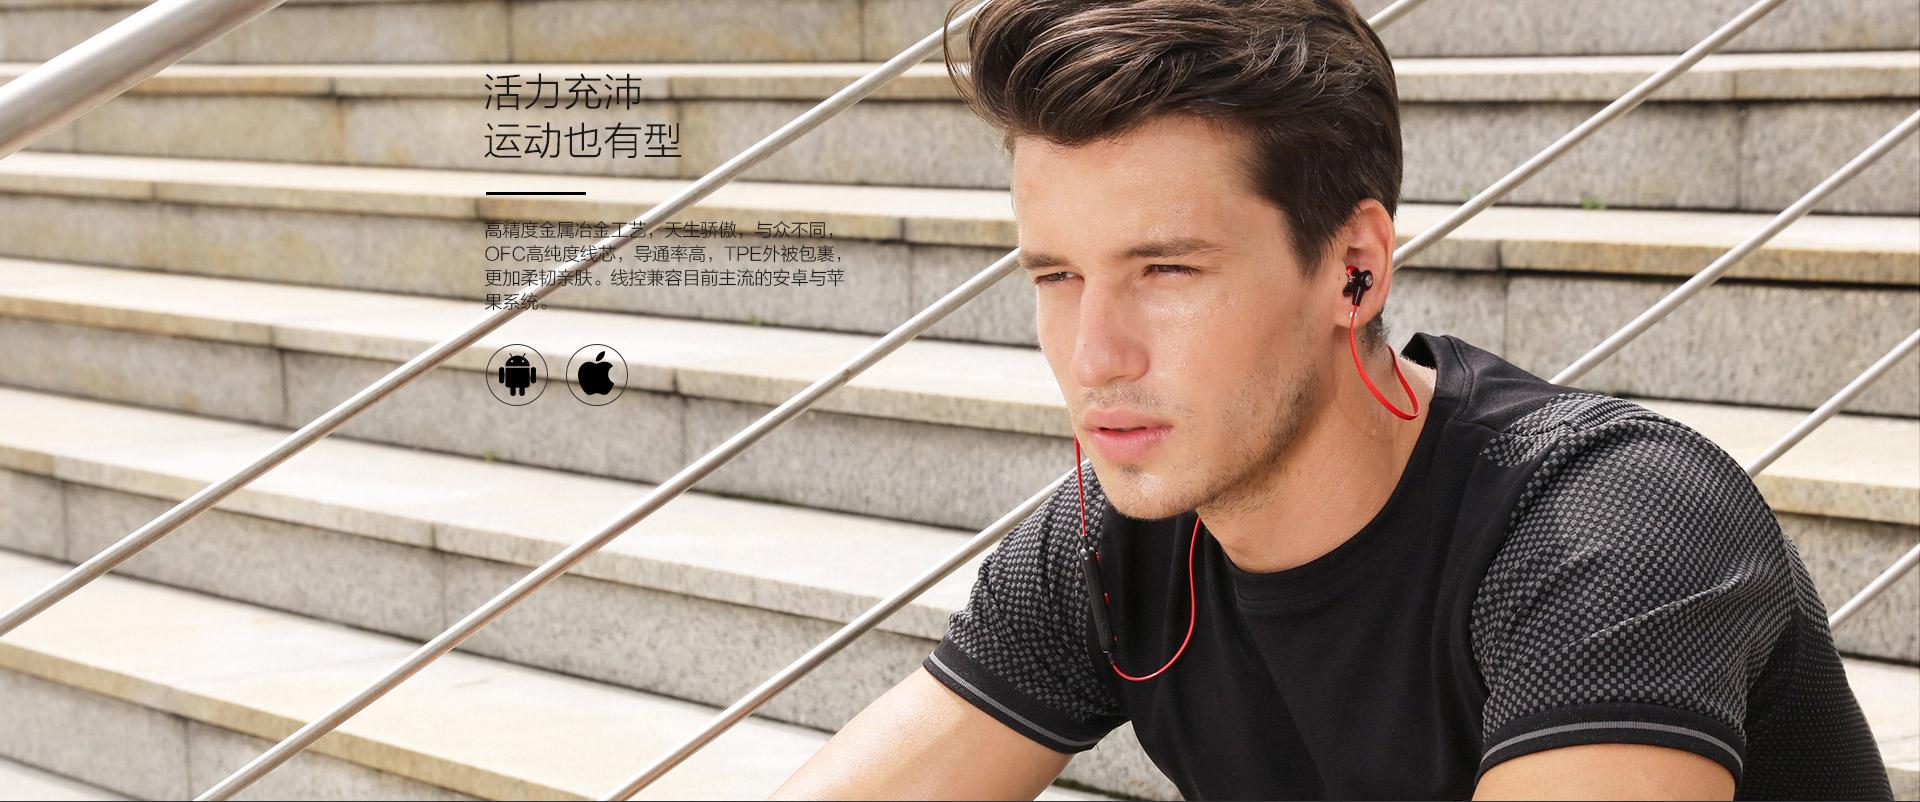 线控-智能运动蓝牙耳机A980BL